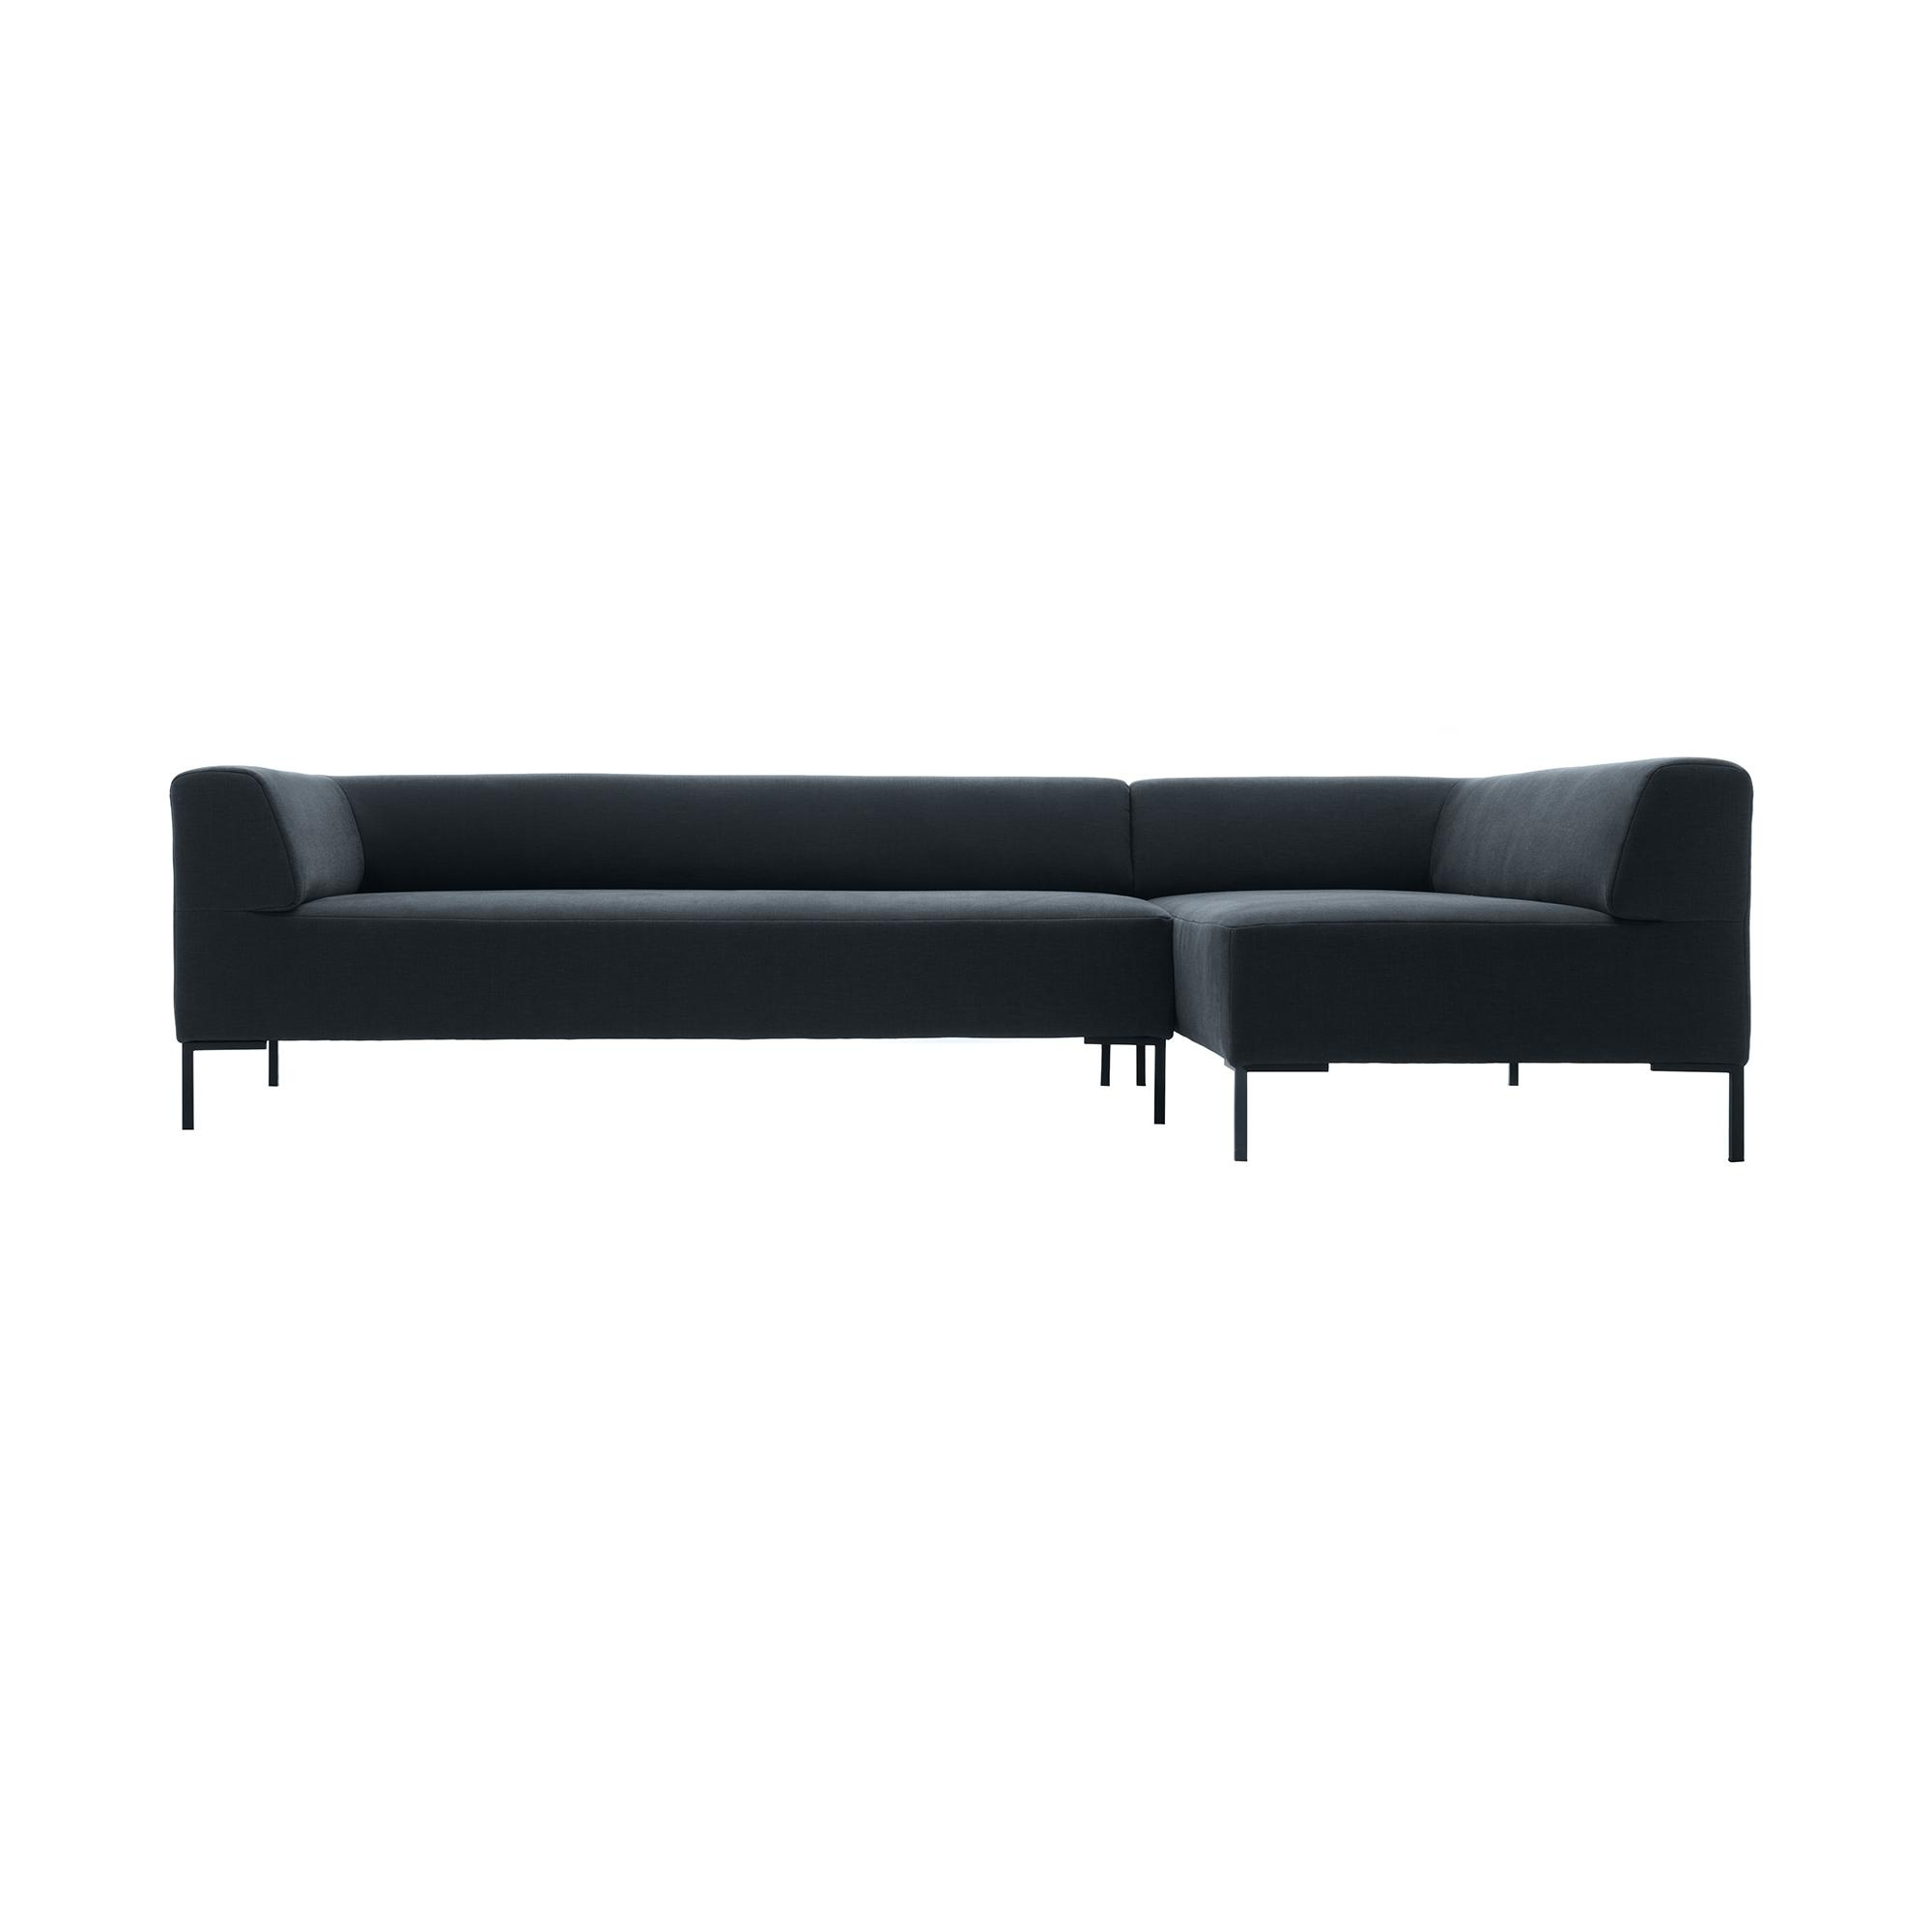 freistil Rolf Benz - freistil 185 - Canapé lounge 257x180cm - anthracite/étoffe 3009 (100% polyester)/PxHxP 257x65x180cm/pieds noir